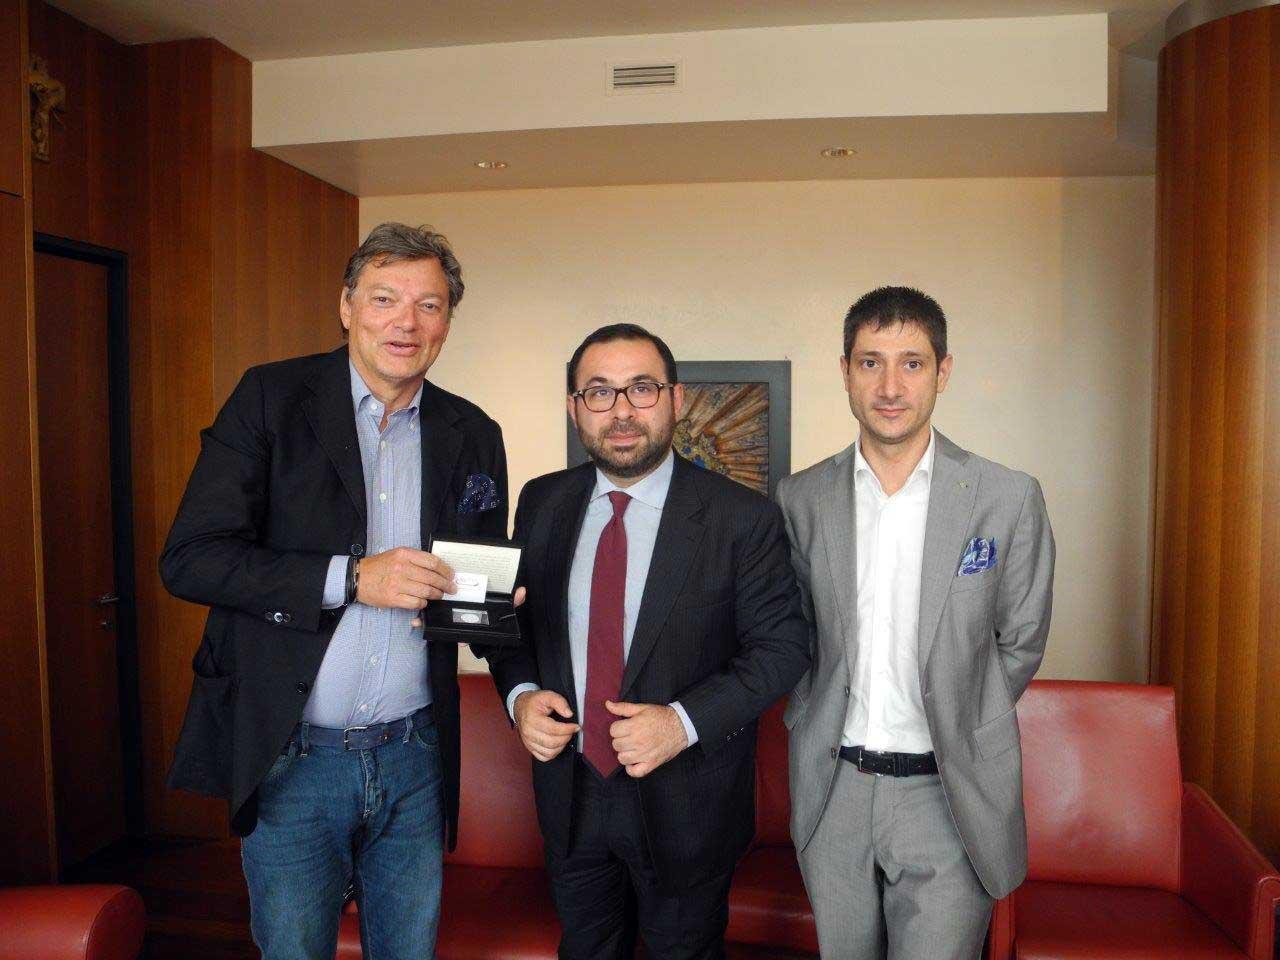 Ambasciatore Armenia Sargis Ghazaryan con Matteo Tonon e Giovanni da Pozzo pres Cciaa Ud